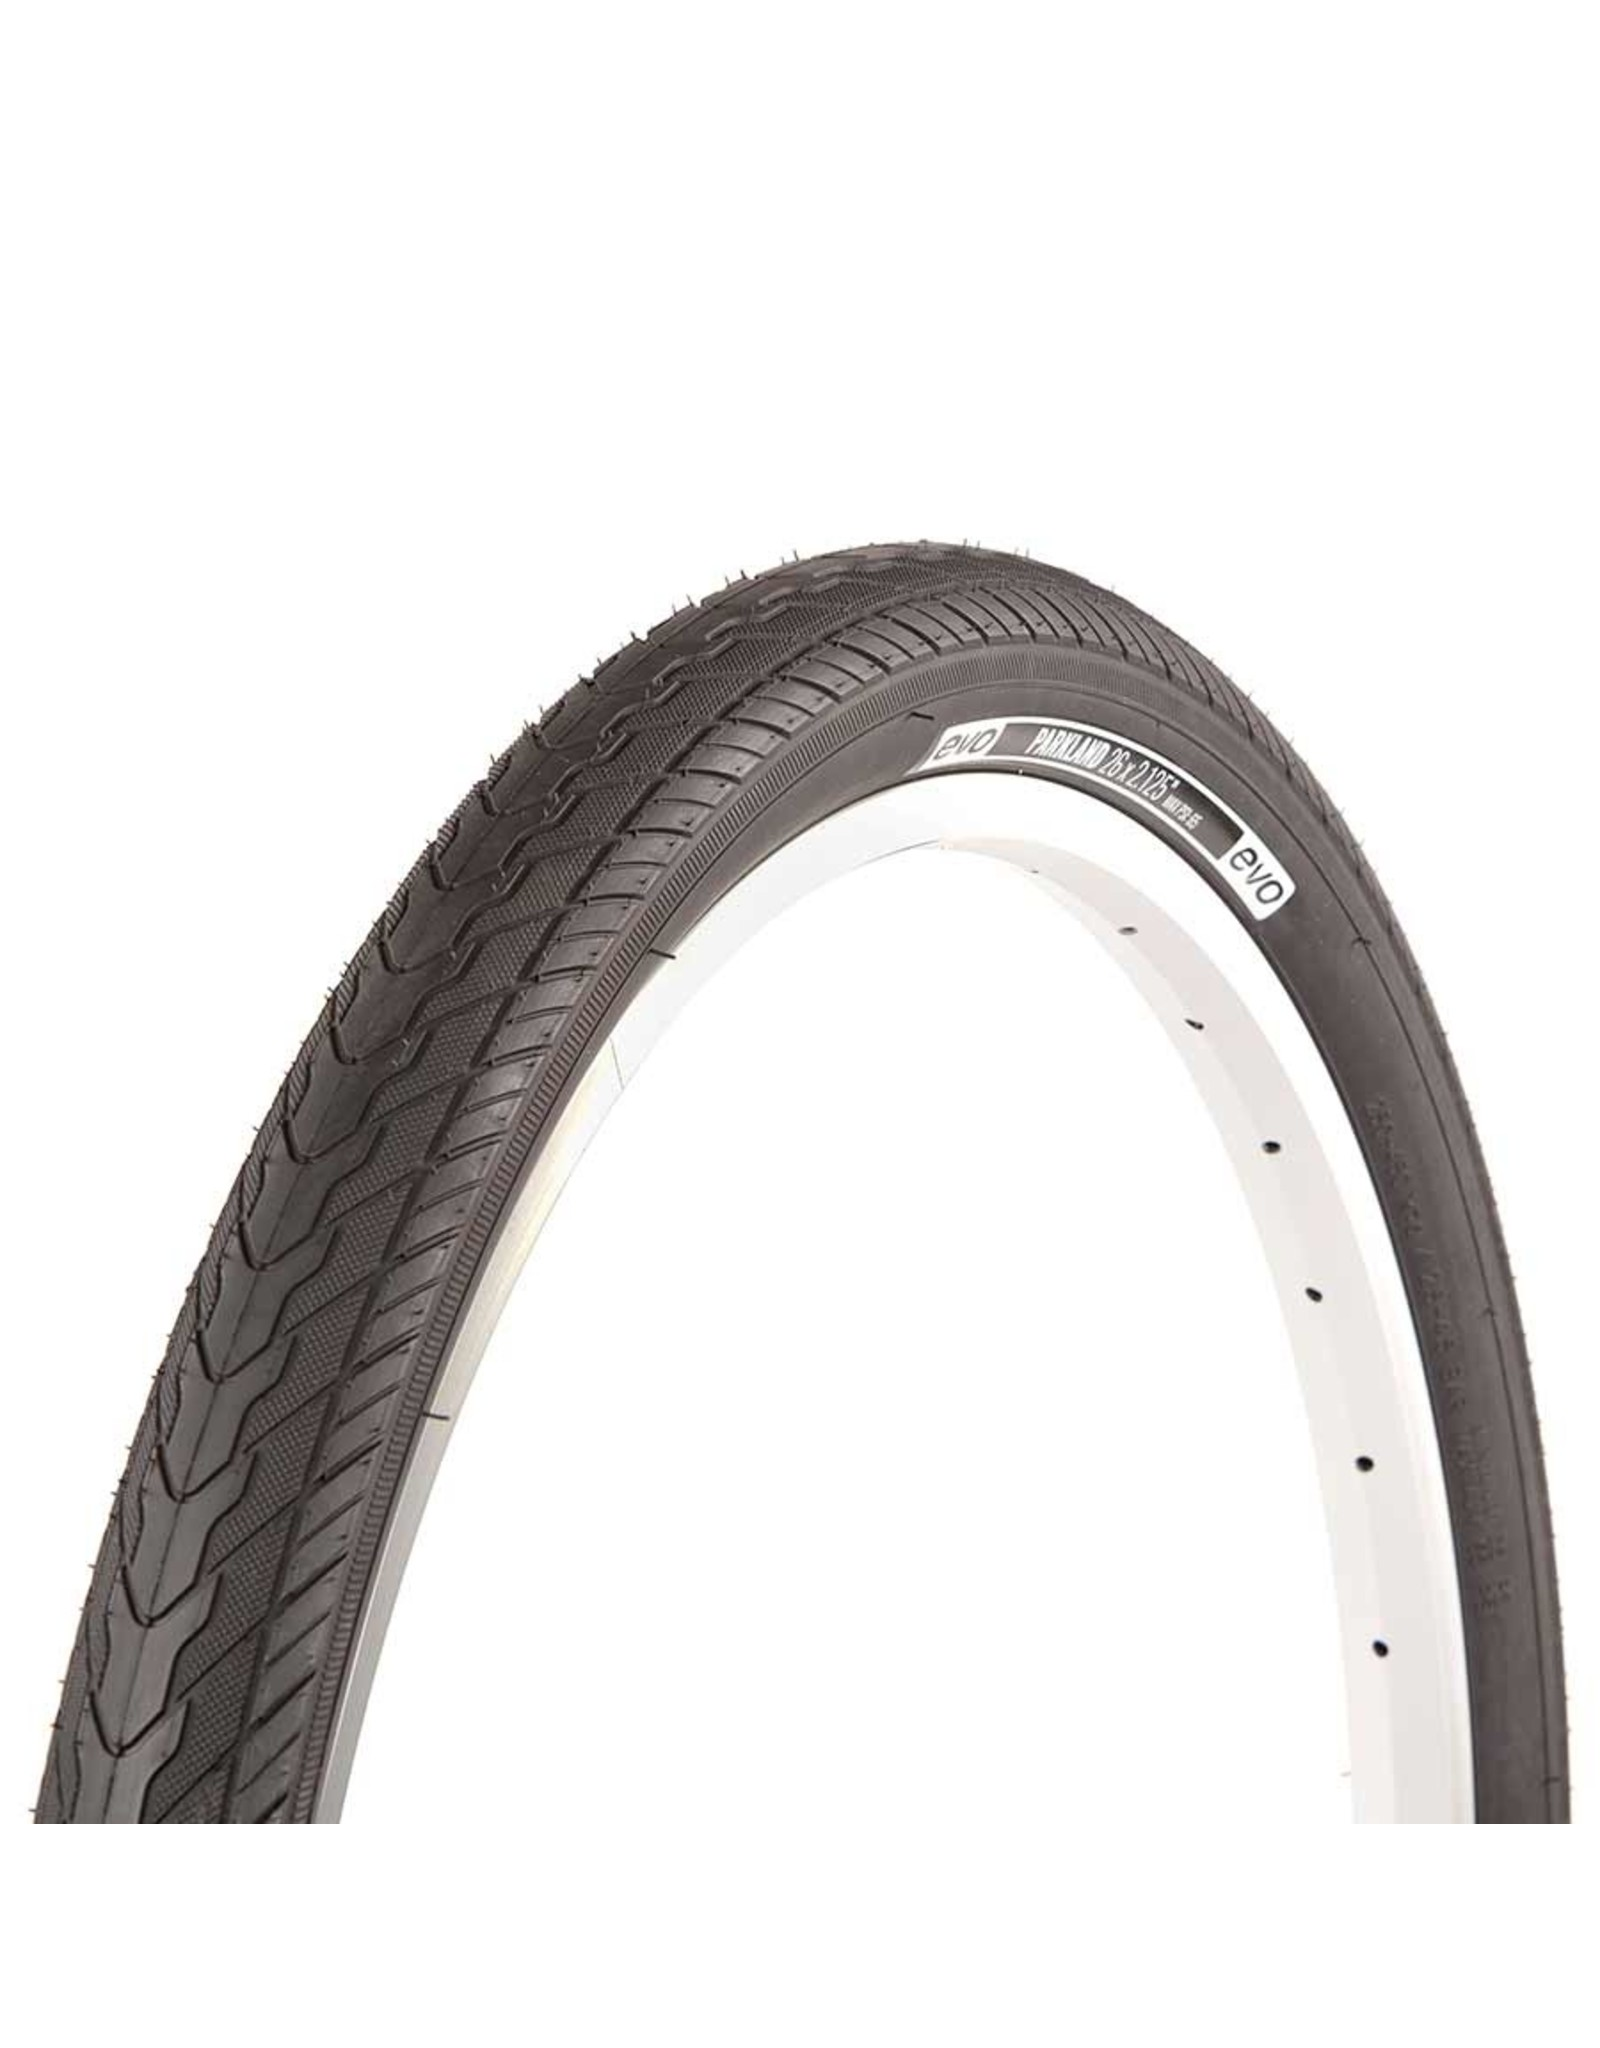 EVO EVO, Parkland, Tire, 700x38C, Wire, Clincher, Black